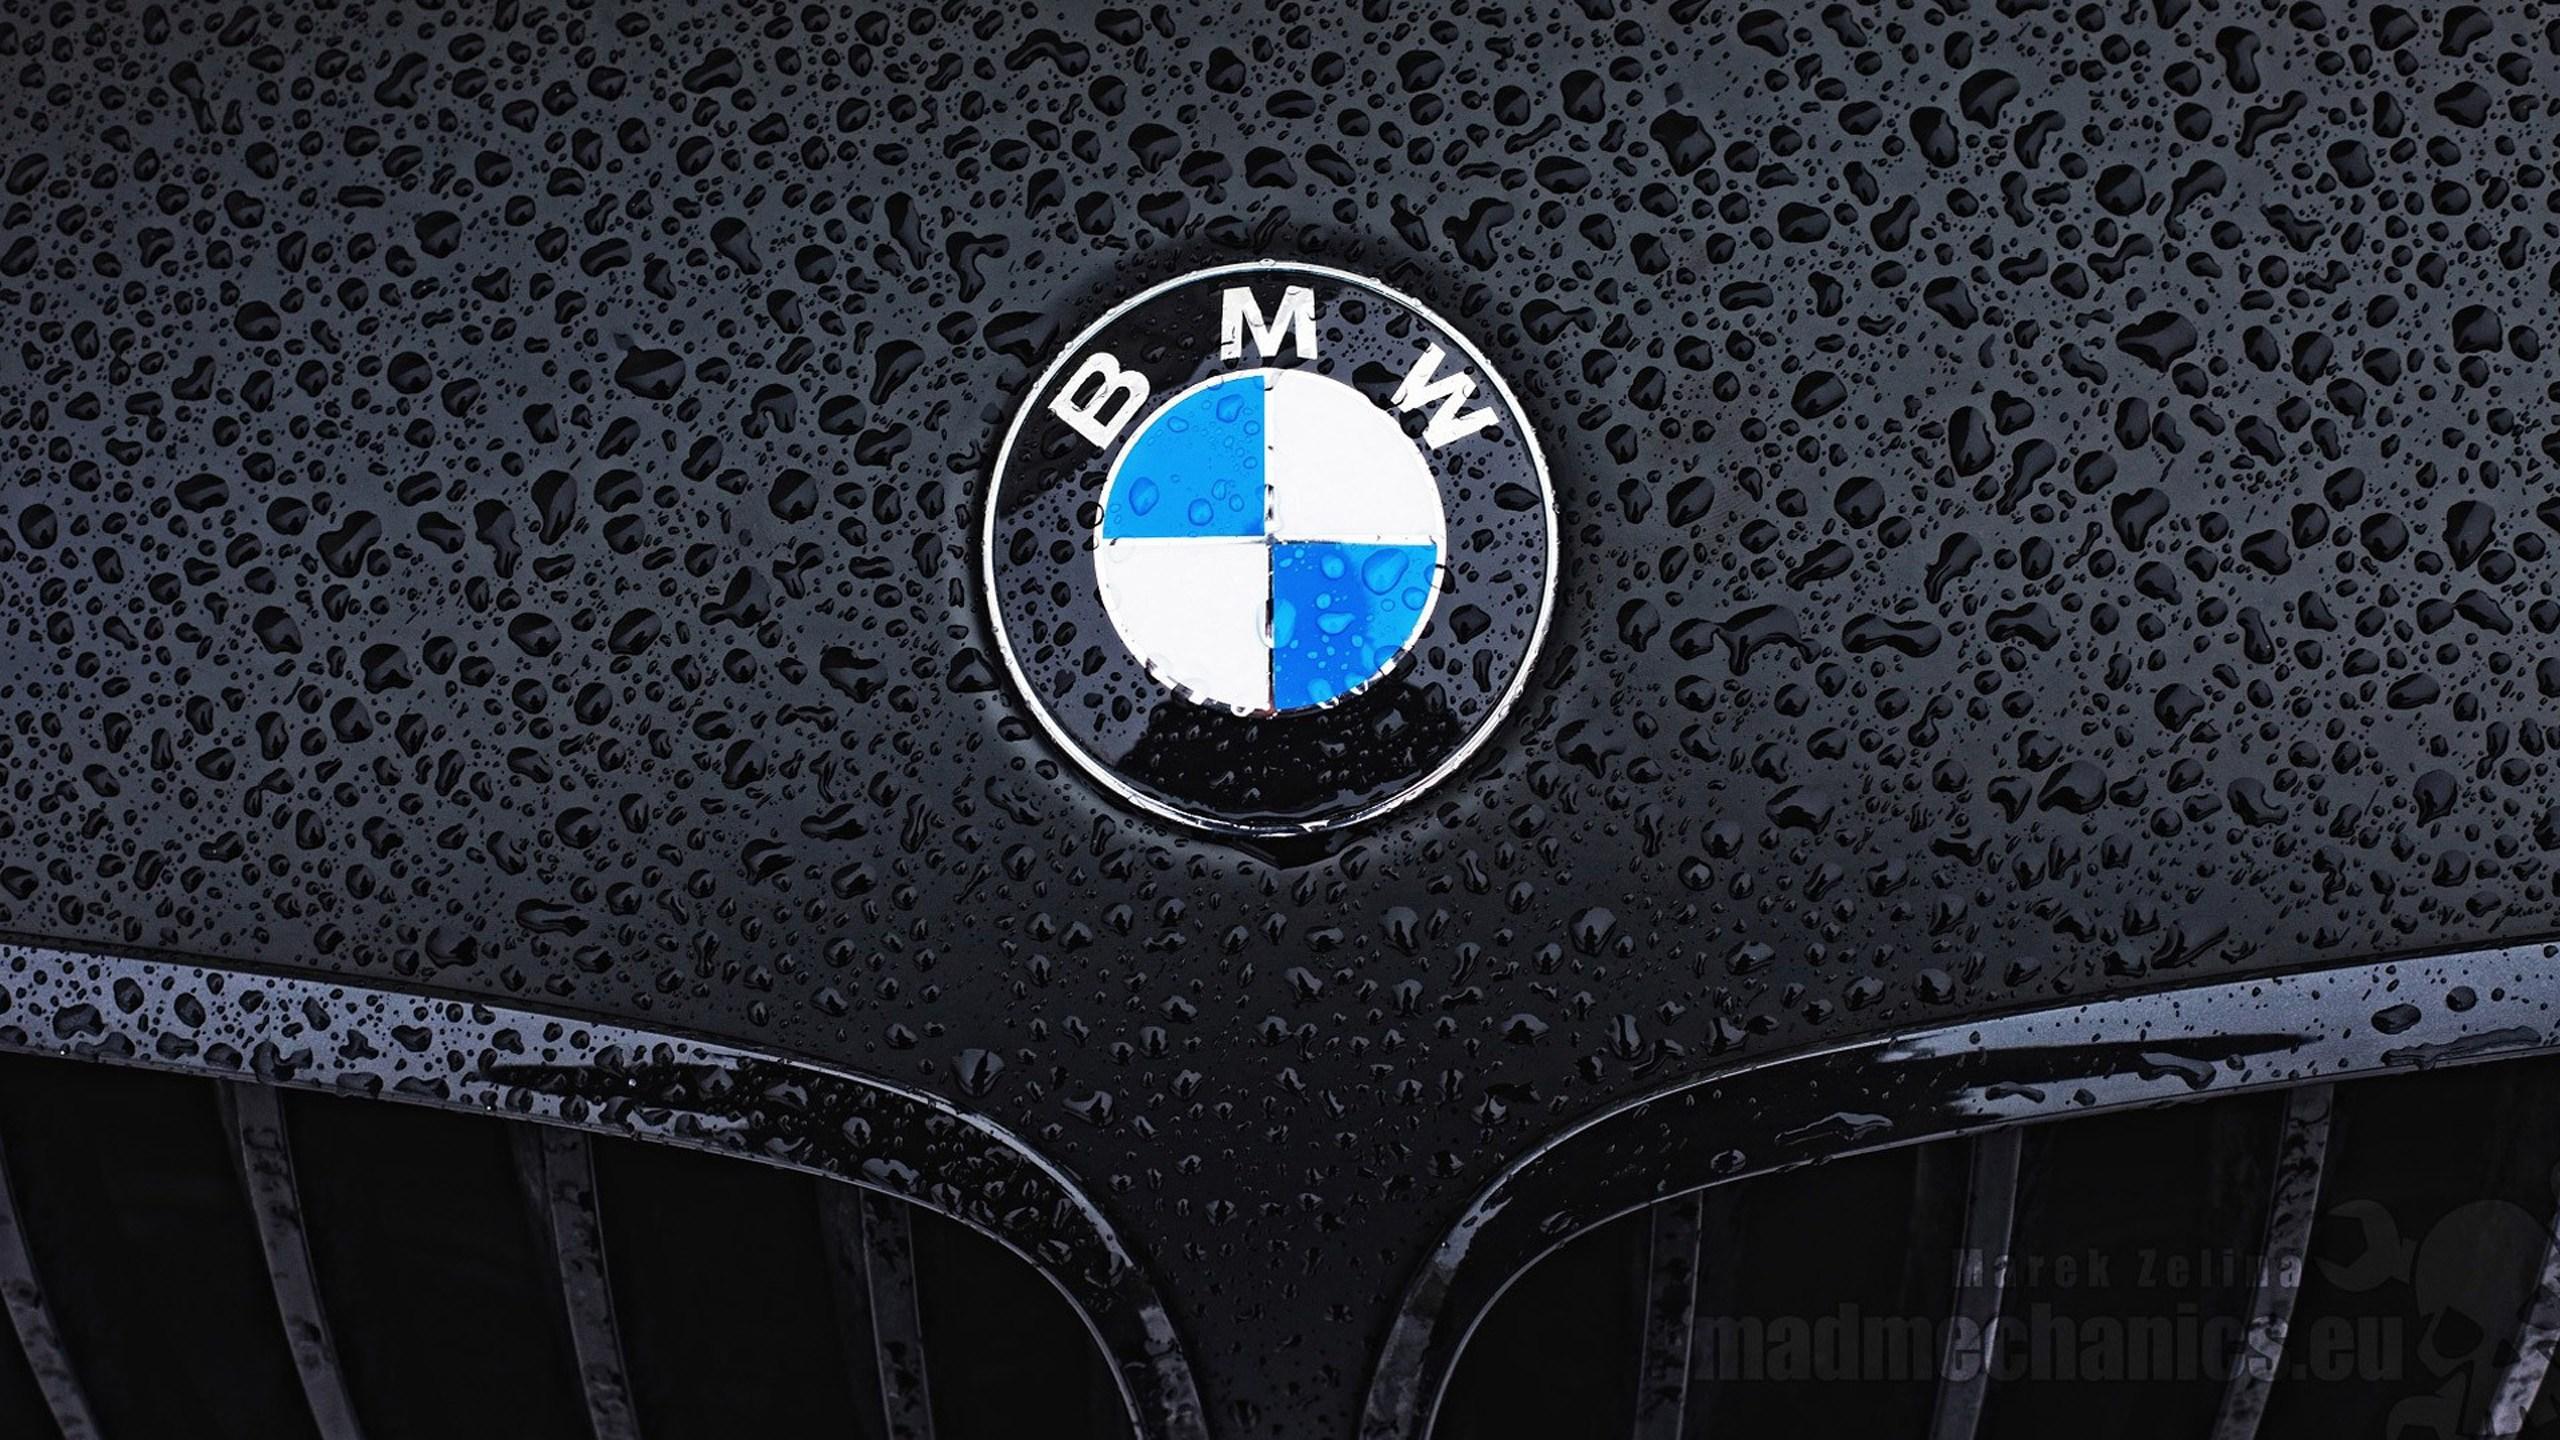 Famous Logo Bmw Wallpaper Hd Desktop Wallpapers   Nano Trunk 2560x1440